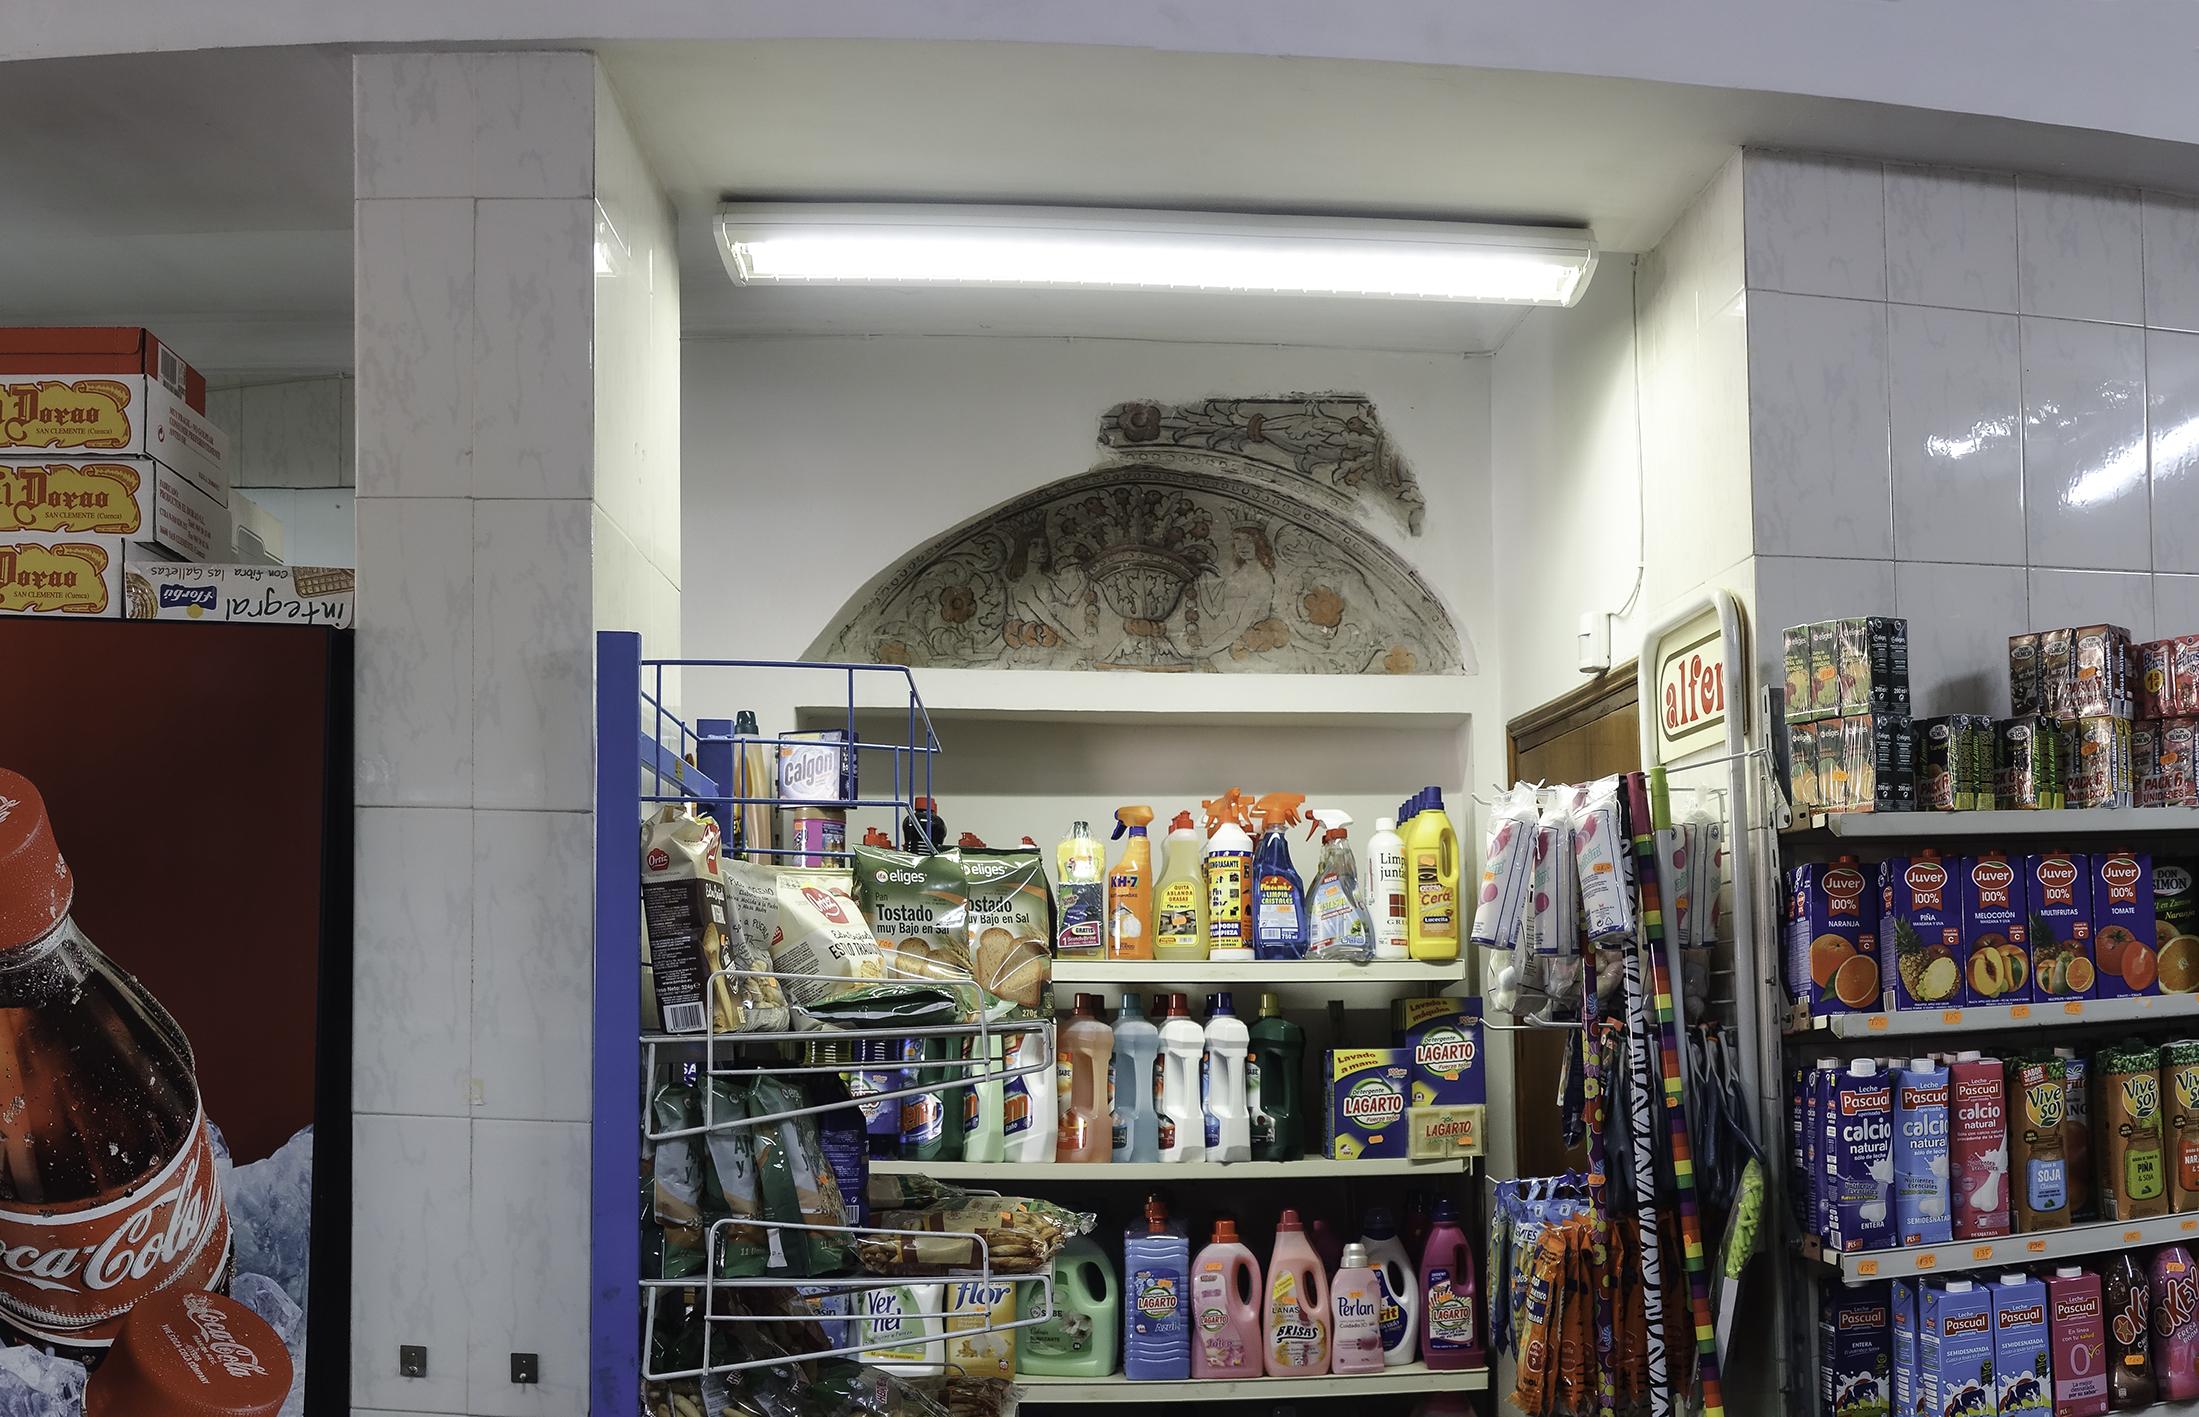 Restos de pintura mural existente en la tienda de barrio de Plaza de San Justo nº 4, en Toledo. Fotografía: Jose María Gutiérrez Arias, Sección Vivienda, Área de Gestión Patrimonial, Consorcio de Toledo. Año 2019